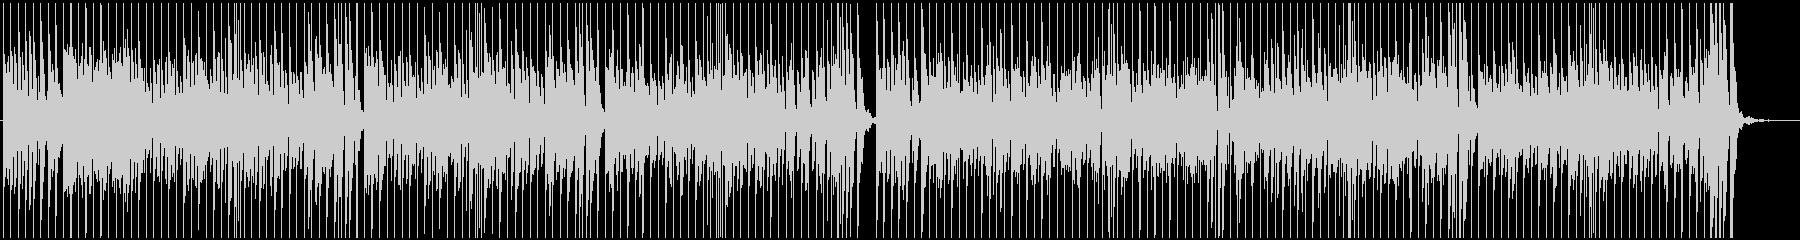 リズミカルで元気なBGMの未再生の波形